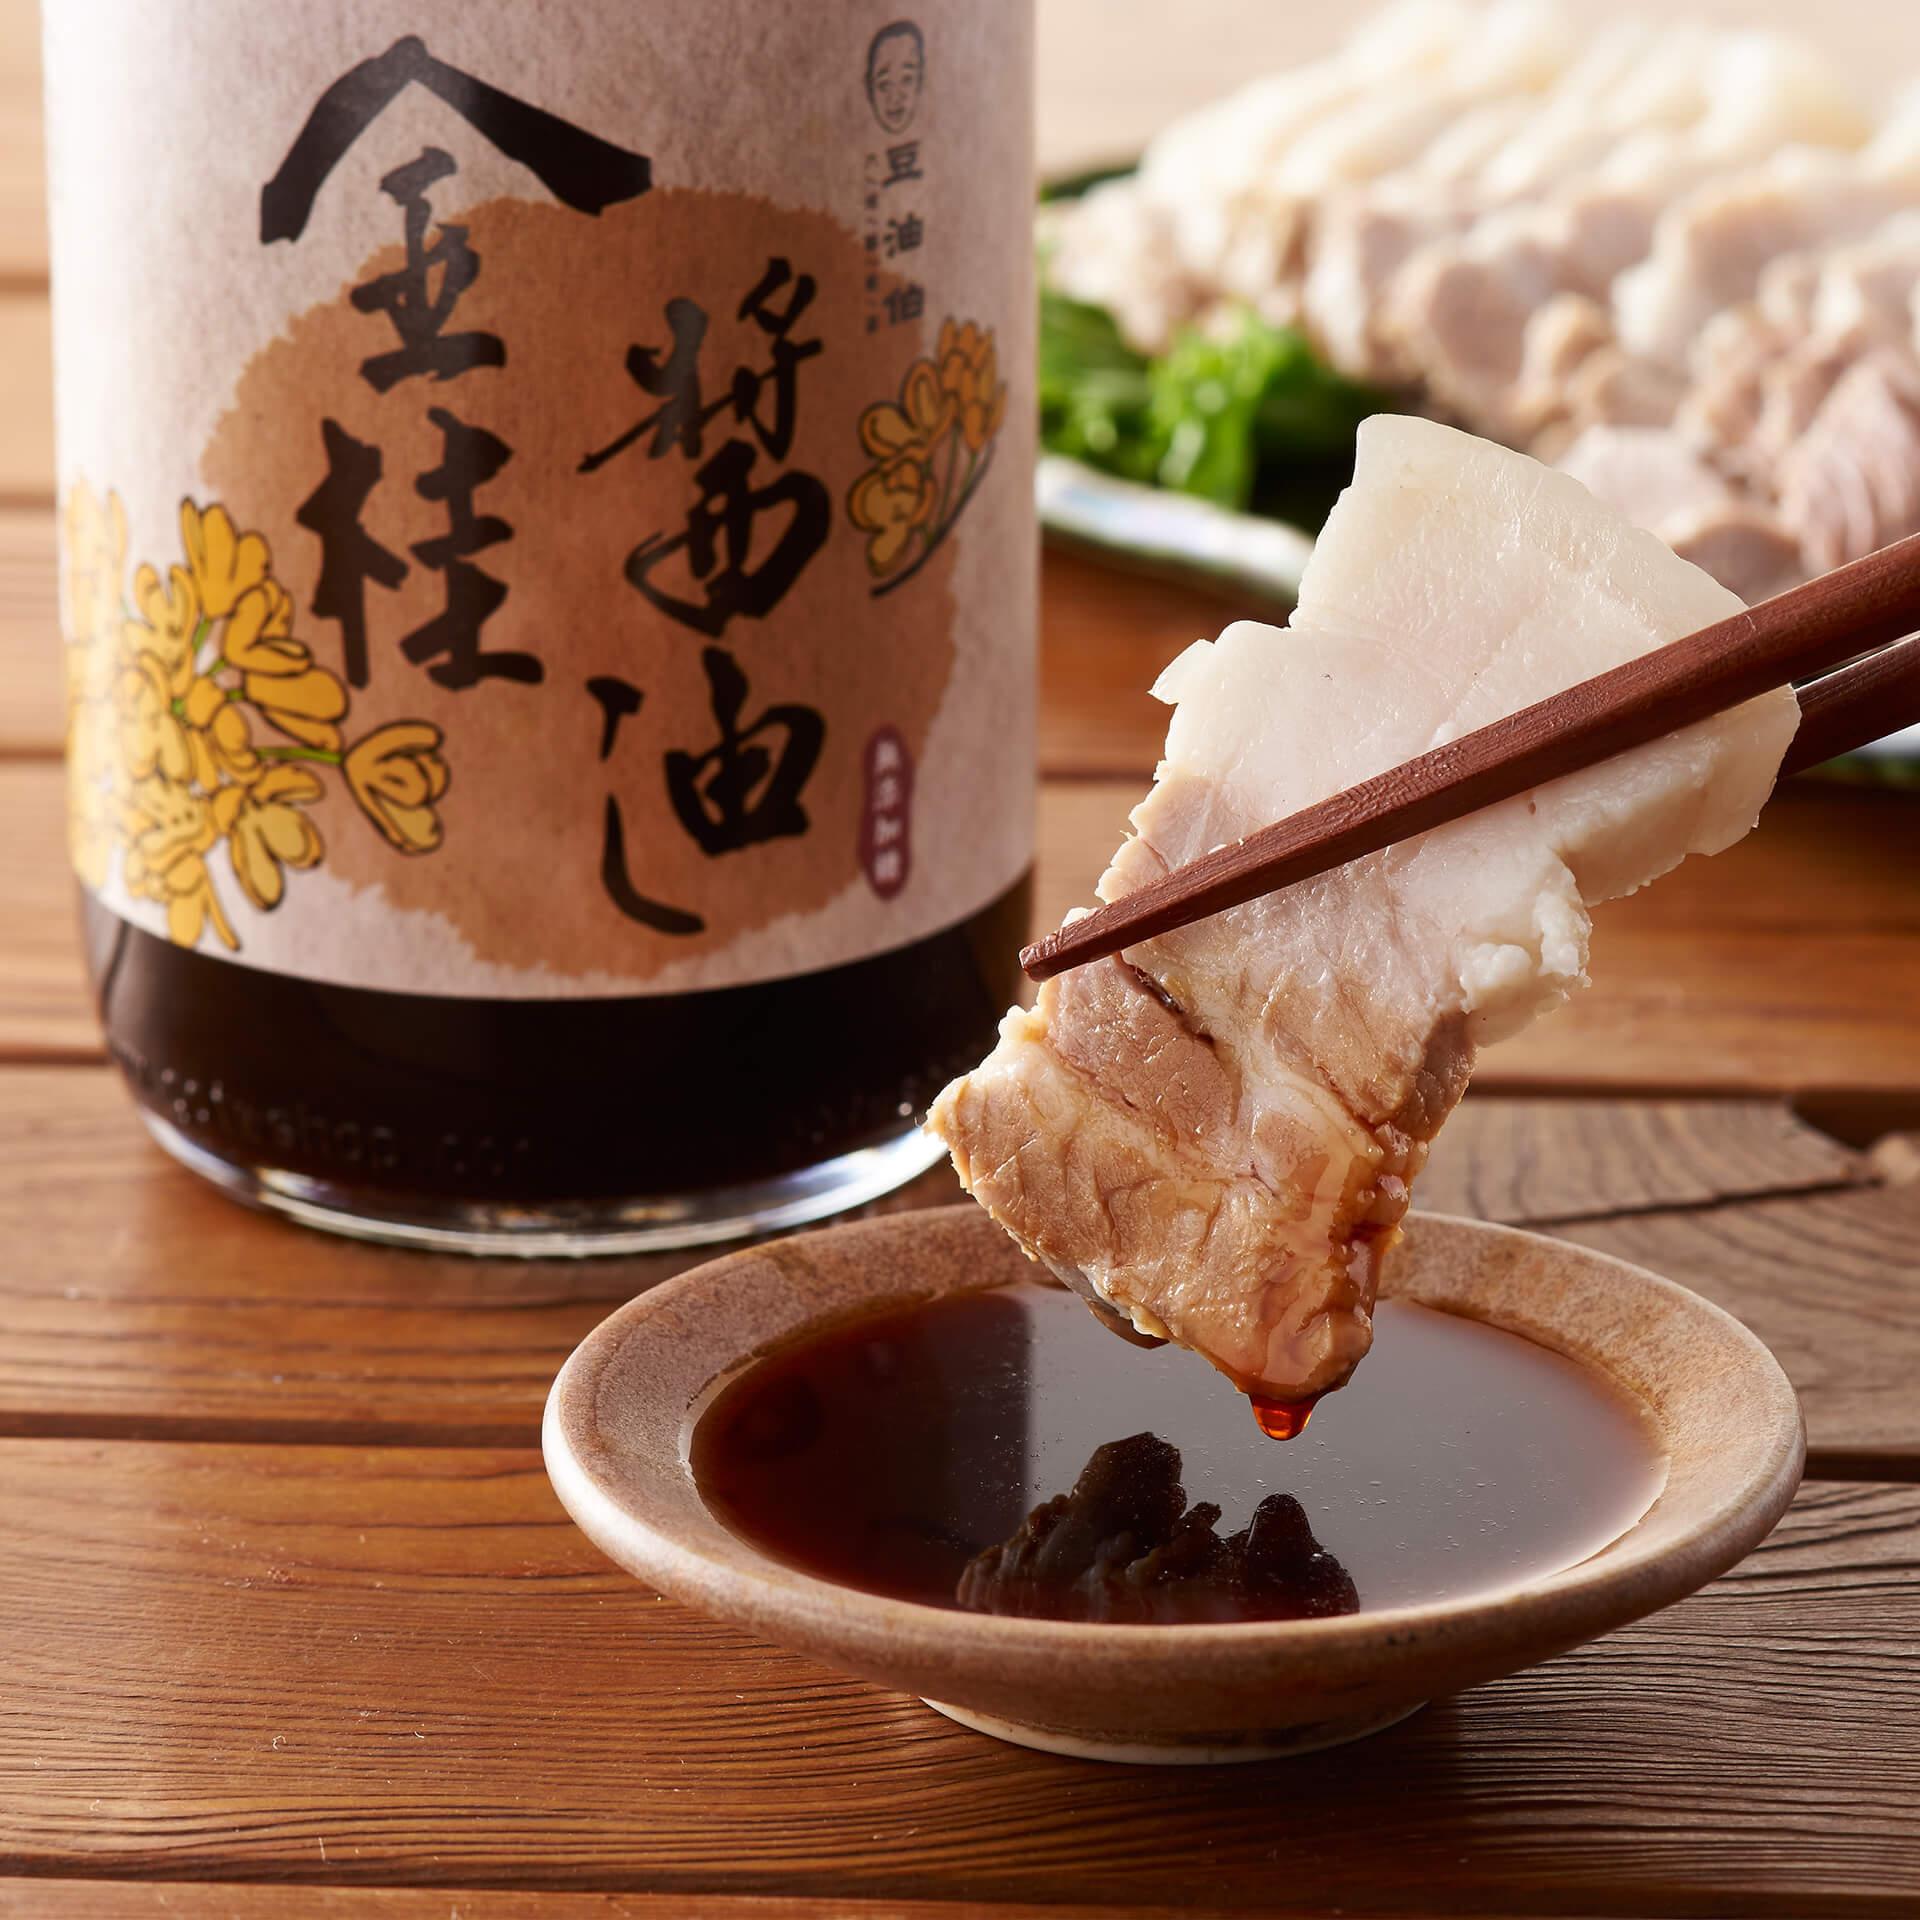 【中秋禮盒】金桂無添加糖小黑豆醬油2入組(共3組,6入)(禮盒隨機不挑色)